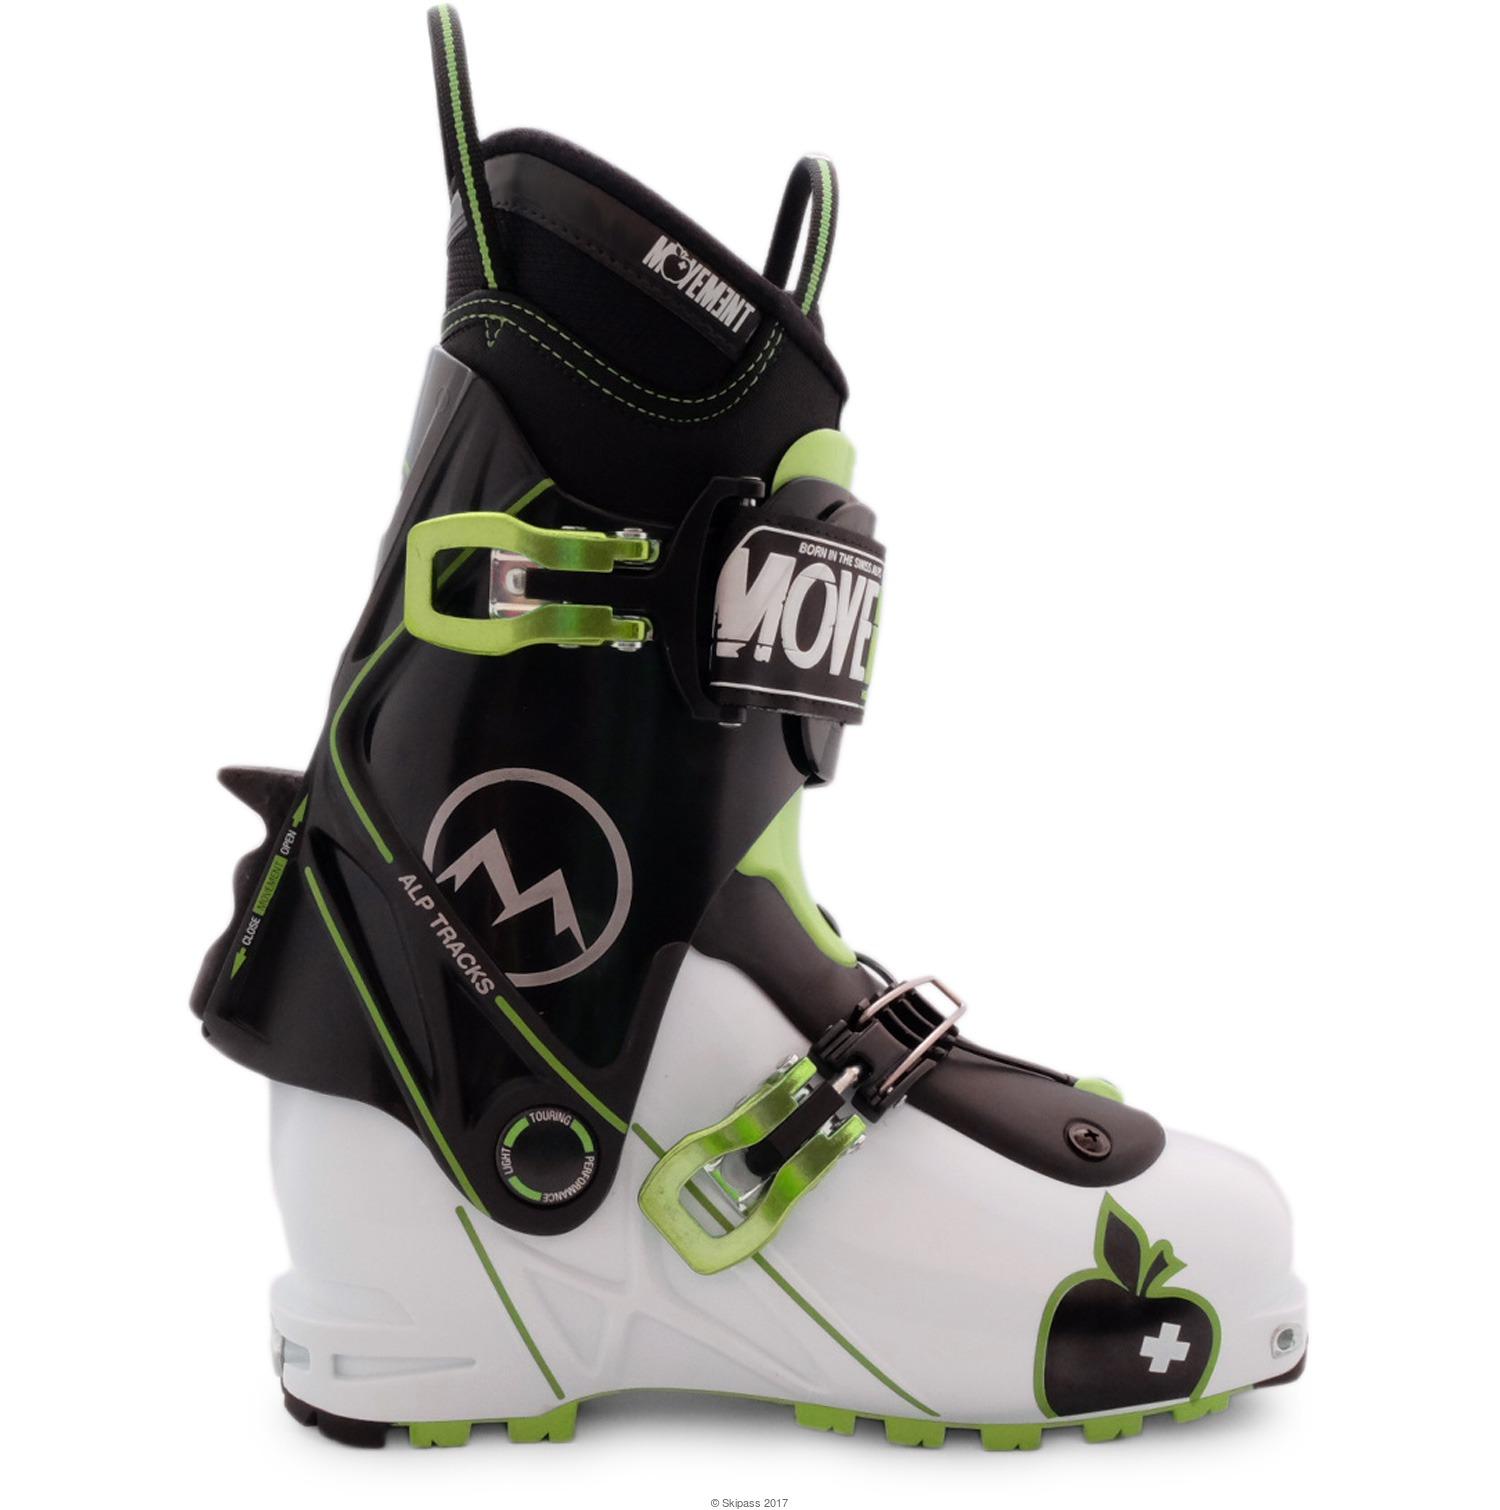 Movement Chaussures Ski Rando  Alptracks Explorer White Blanc - Livraison Gratuite avec - Chaussures Ski Homme